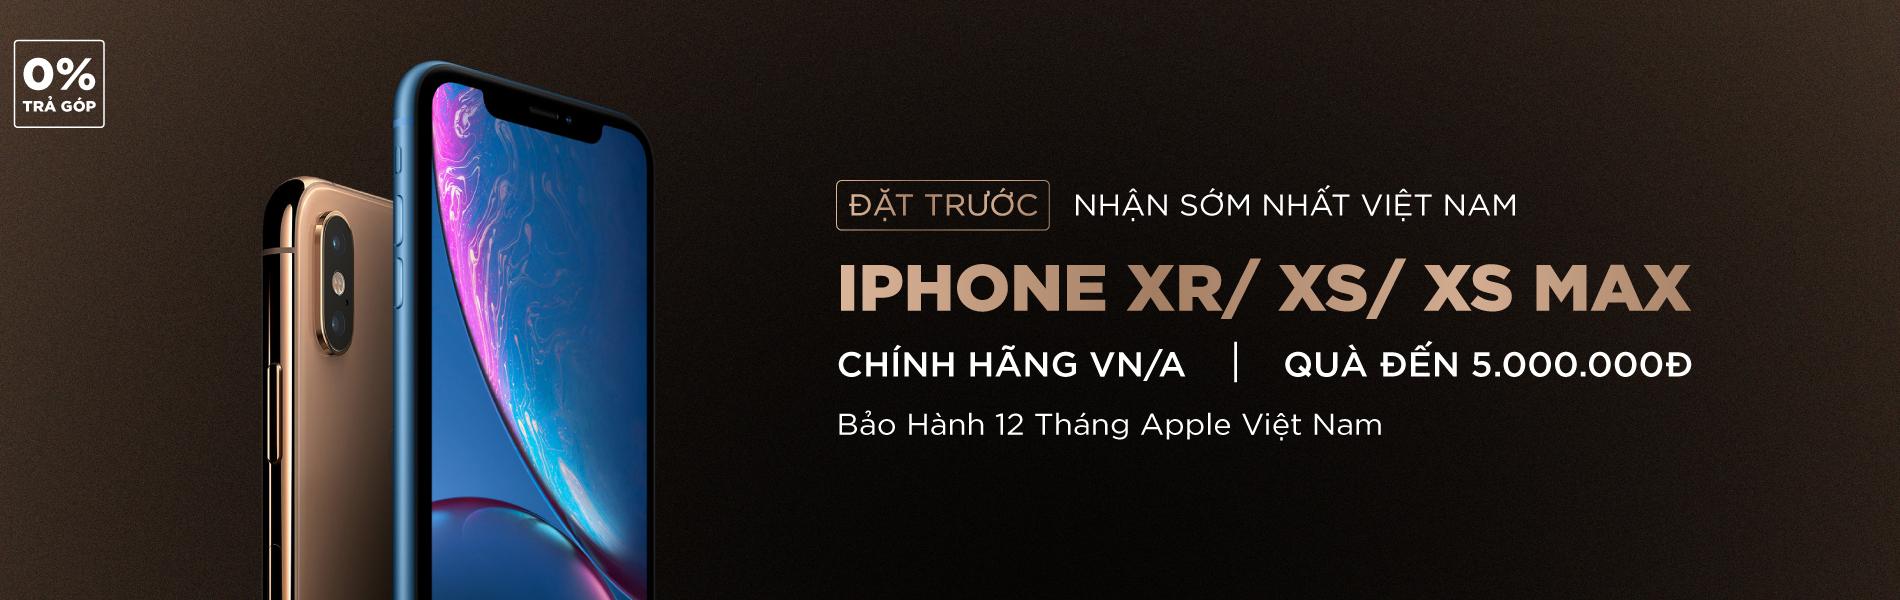 Đặt trước Iphone XR/XS/XS MAX - Quà đến 5 Triệu